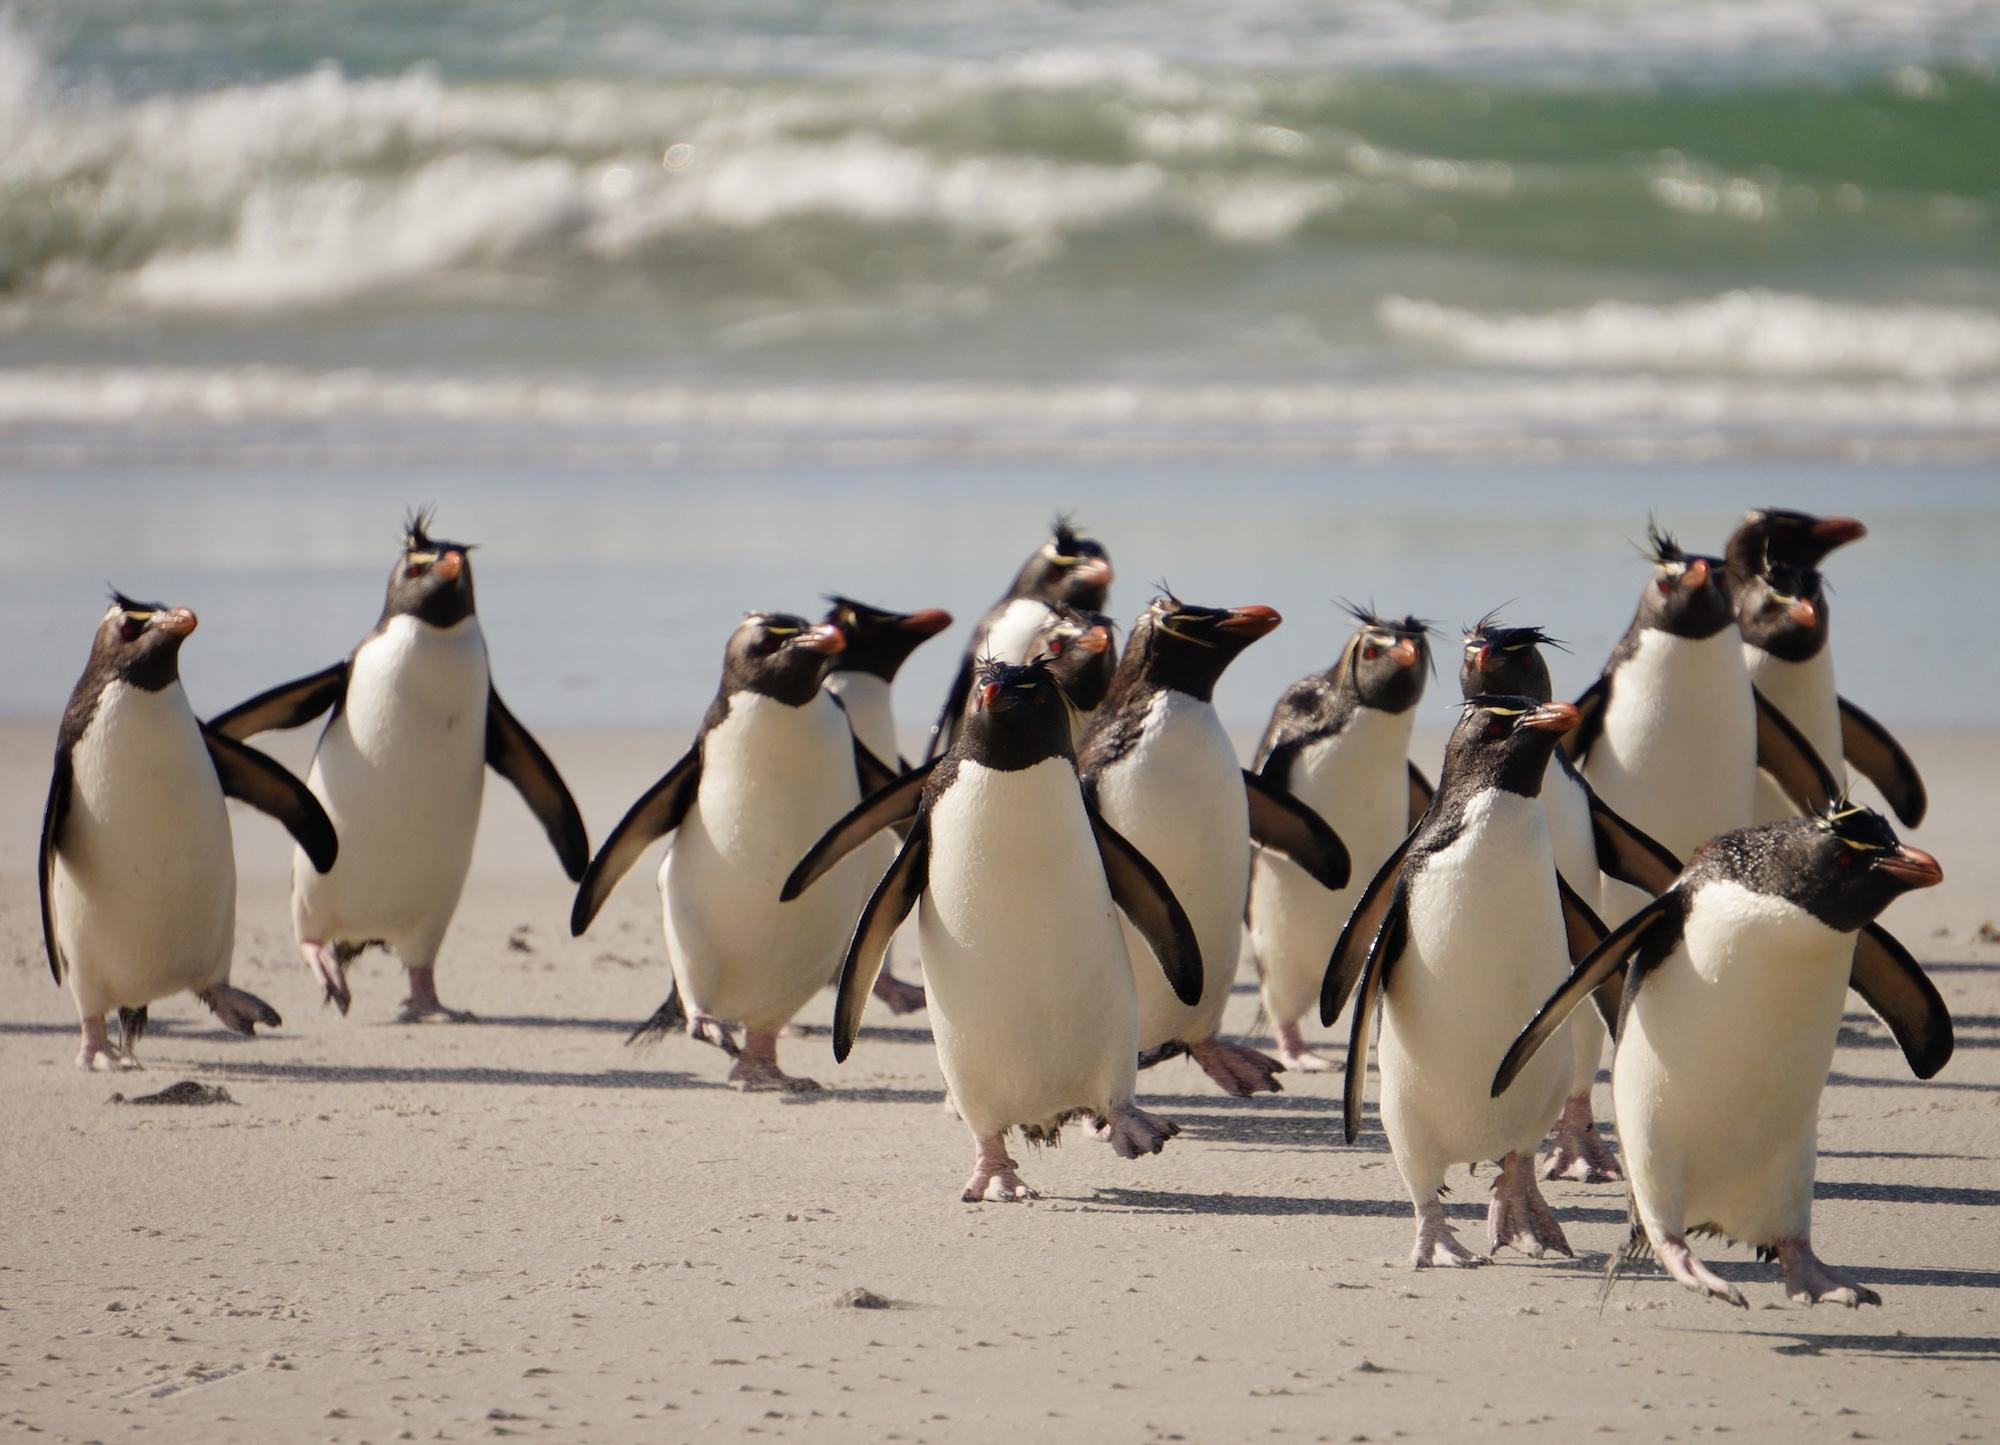 rockhopper penguins on the beach